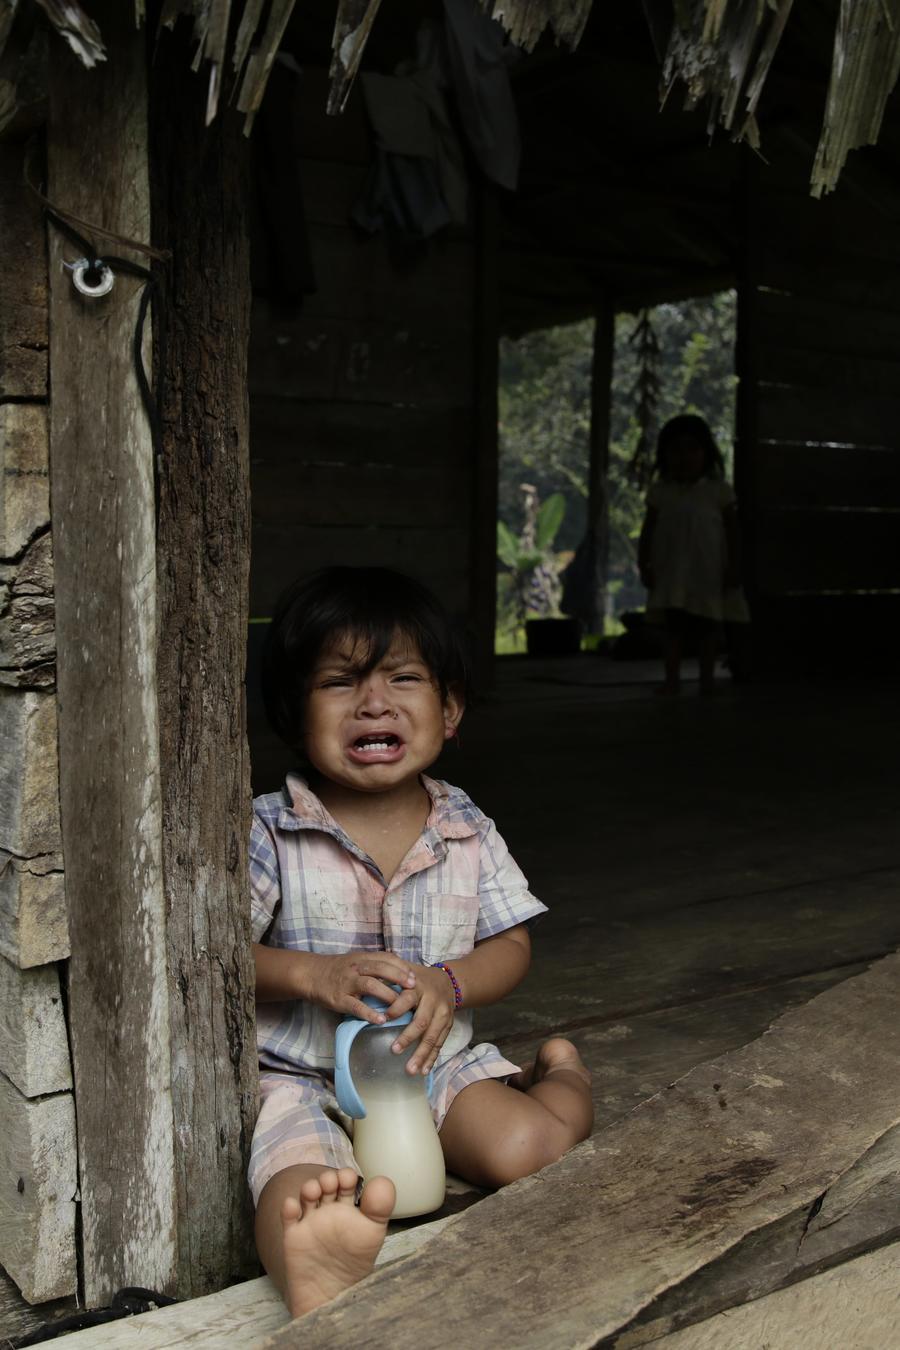 Un niño de la étnia Ngabe Bugle en la comunidad de El Torreón